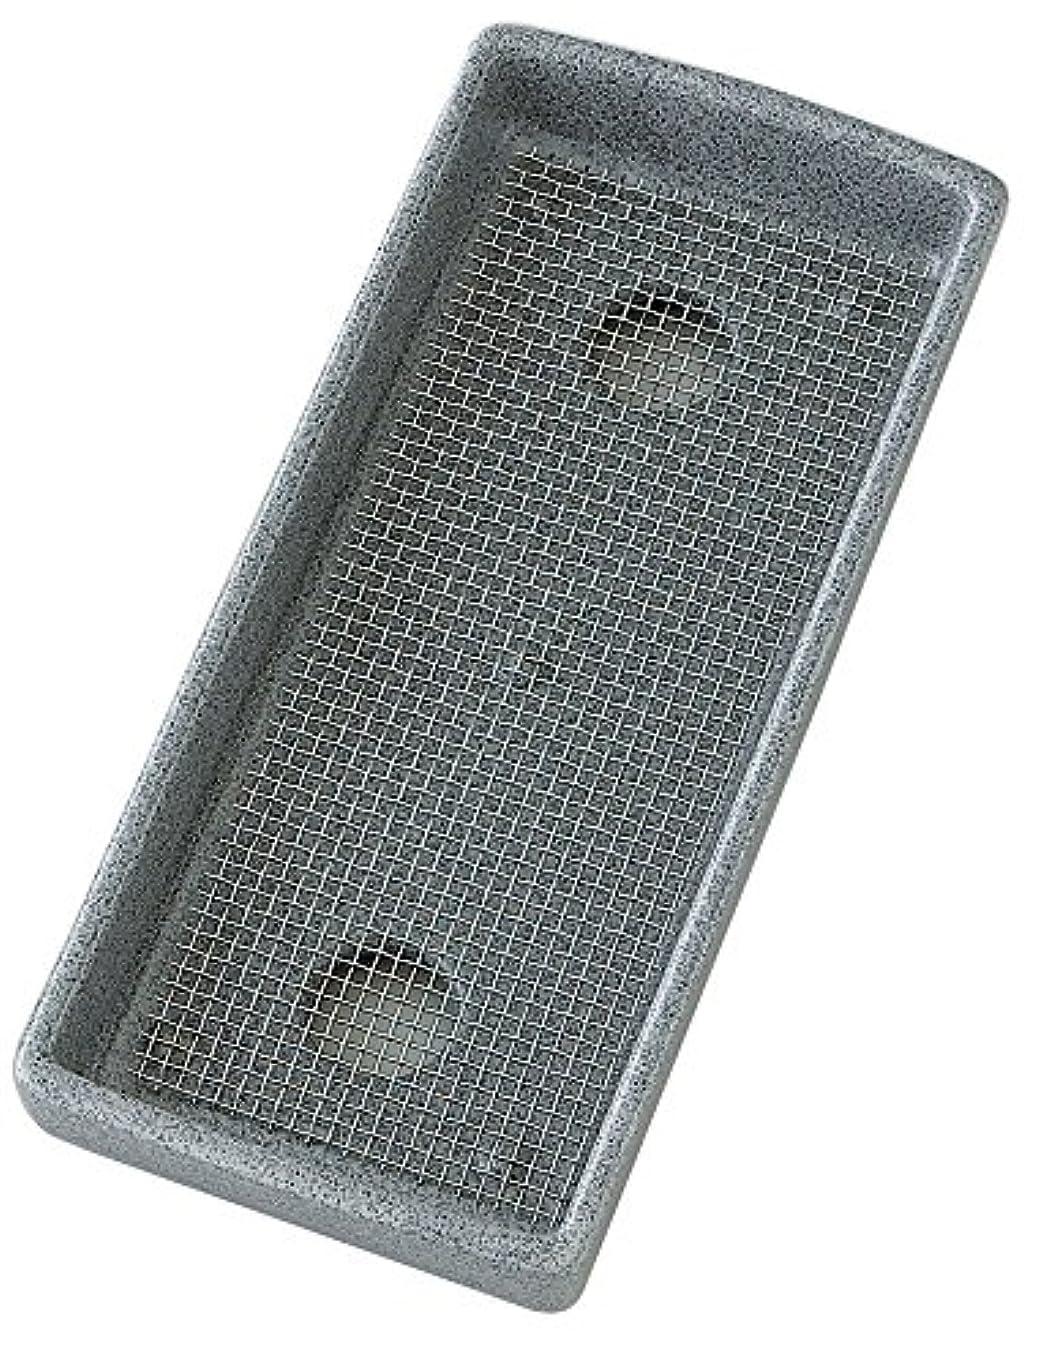 プロフェッショナル何か住むマルエス 線香皿 磁器製 寝かせ香皿